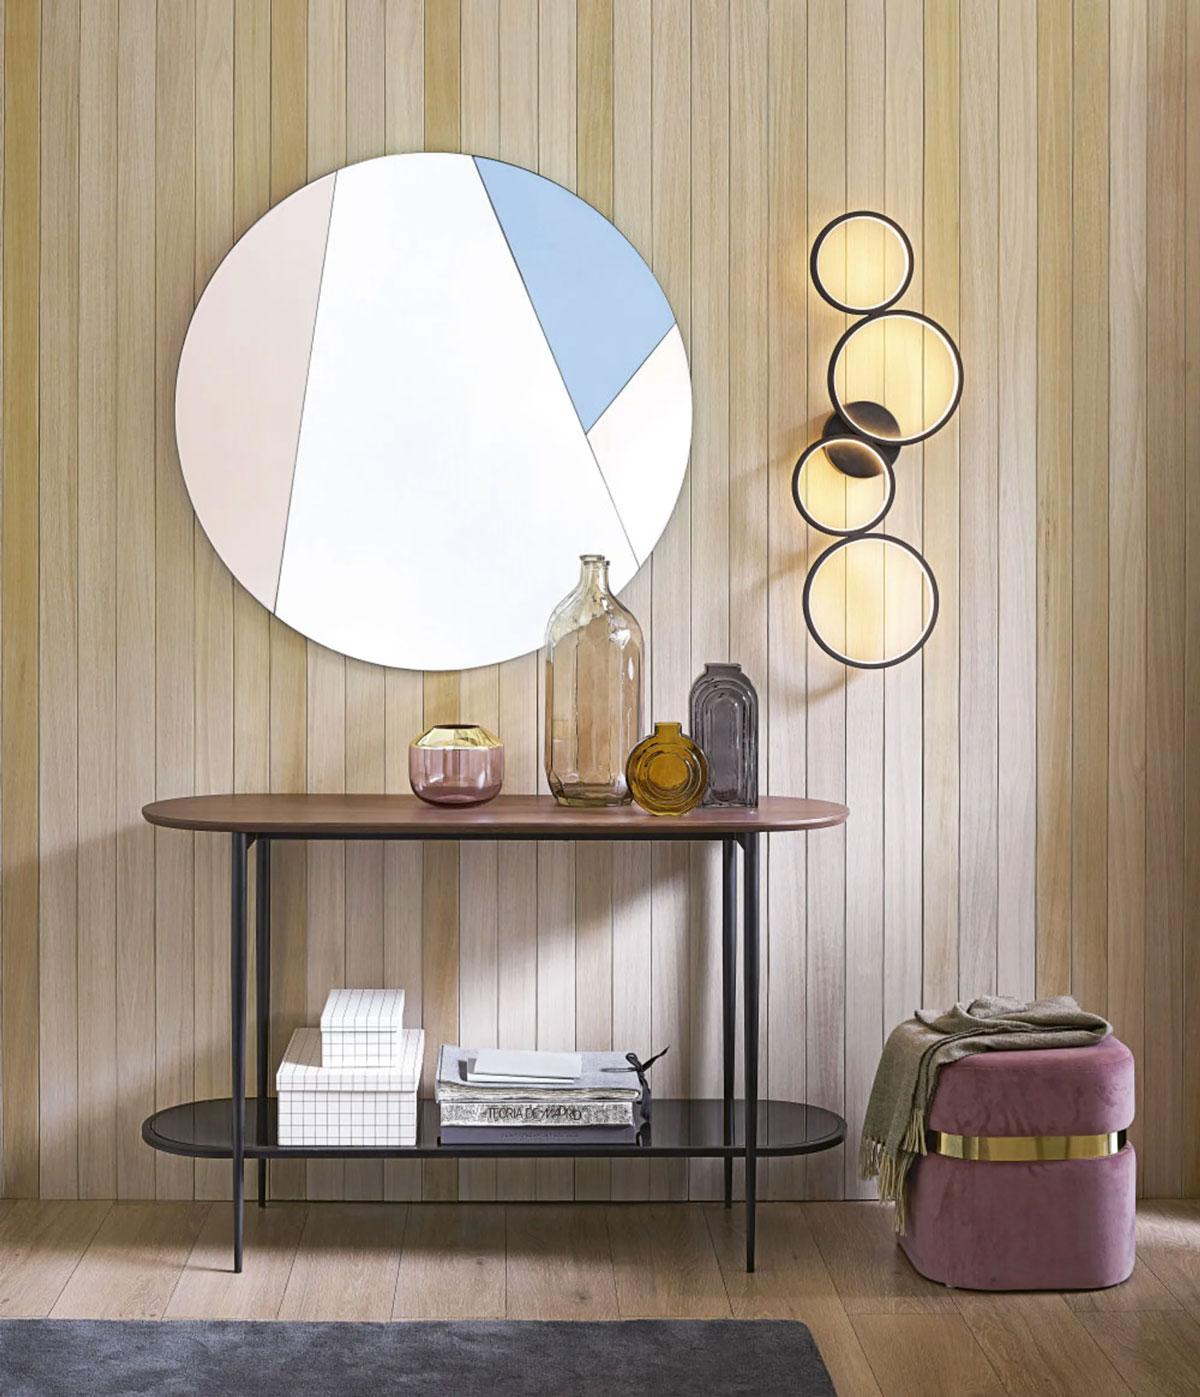 Maisons du monde 2020: 5 stili di arredamento per la sala ...